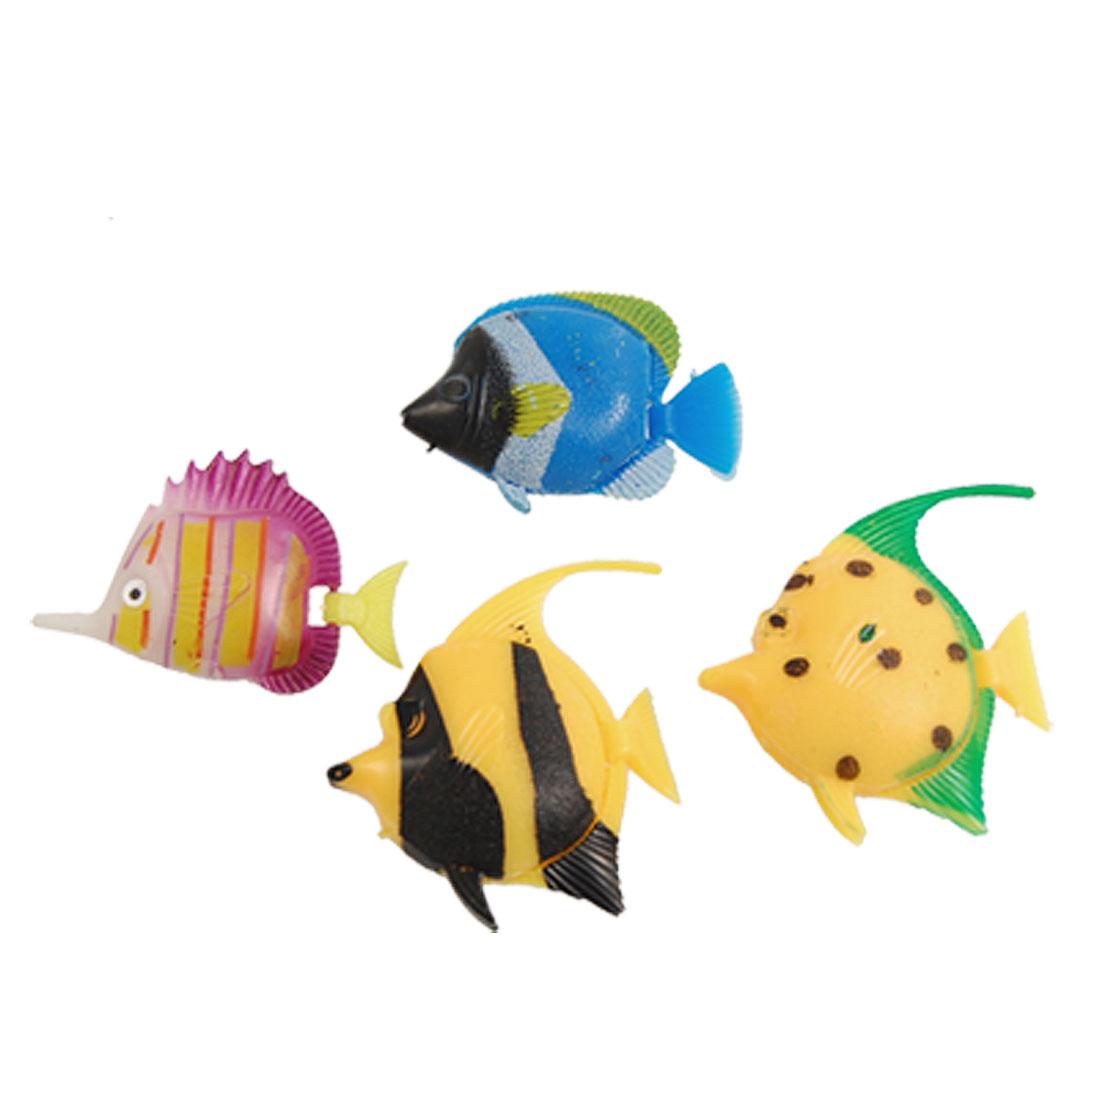 4 Pcs Colors Plastic Floating Tropical Fish Ornament for Aquarium